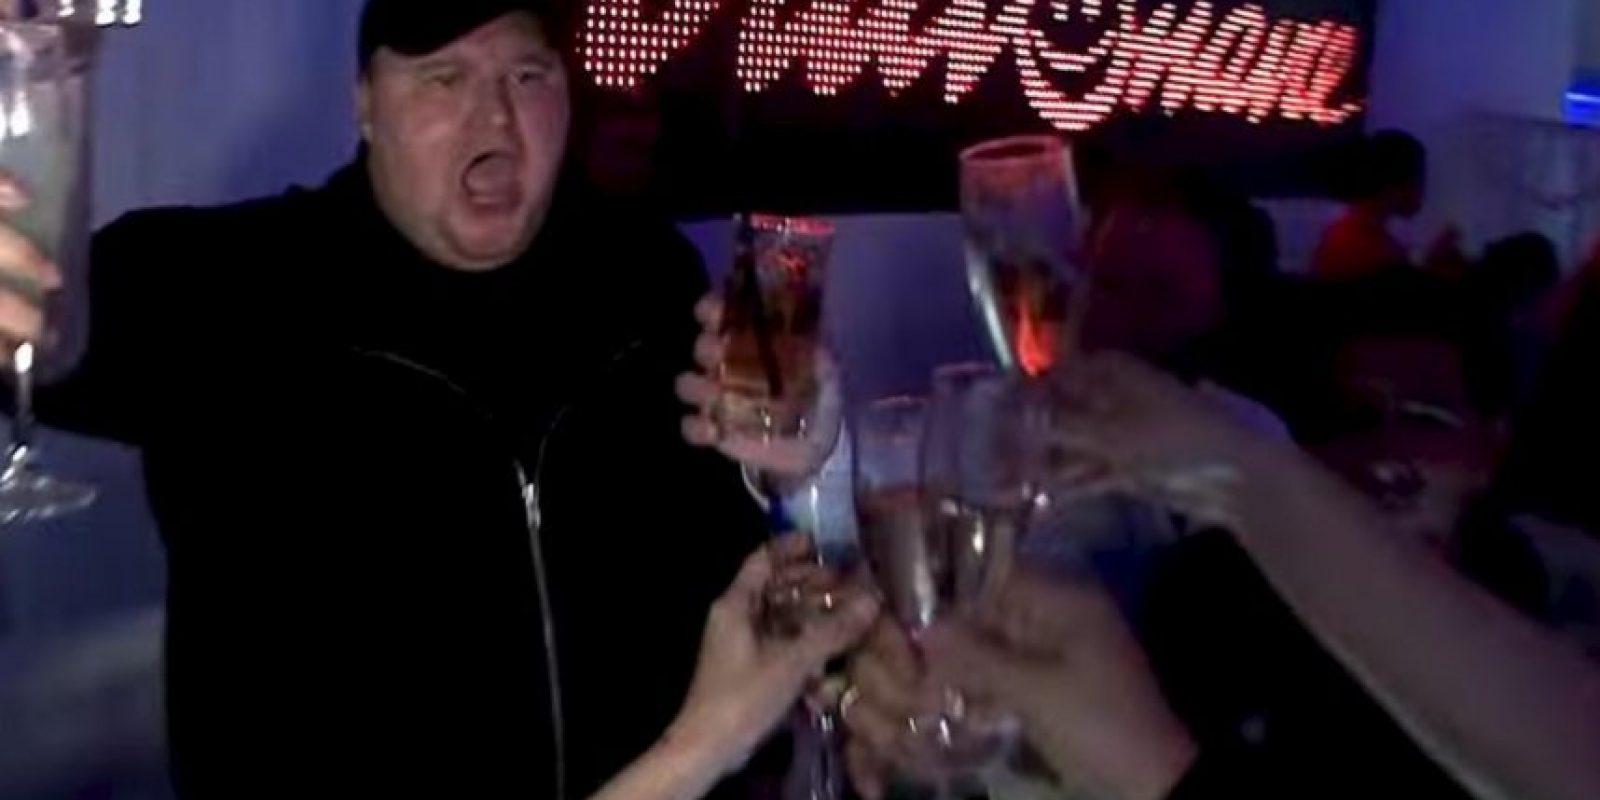 Las fiestas nunca faltaban. Foto:MrKimDotcom / YouTube